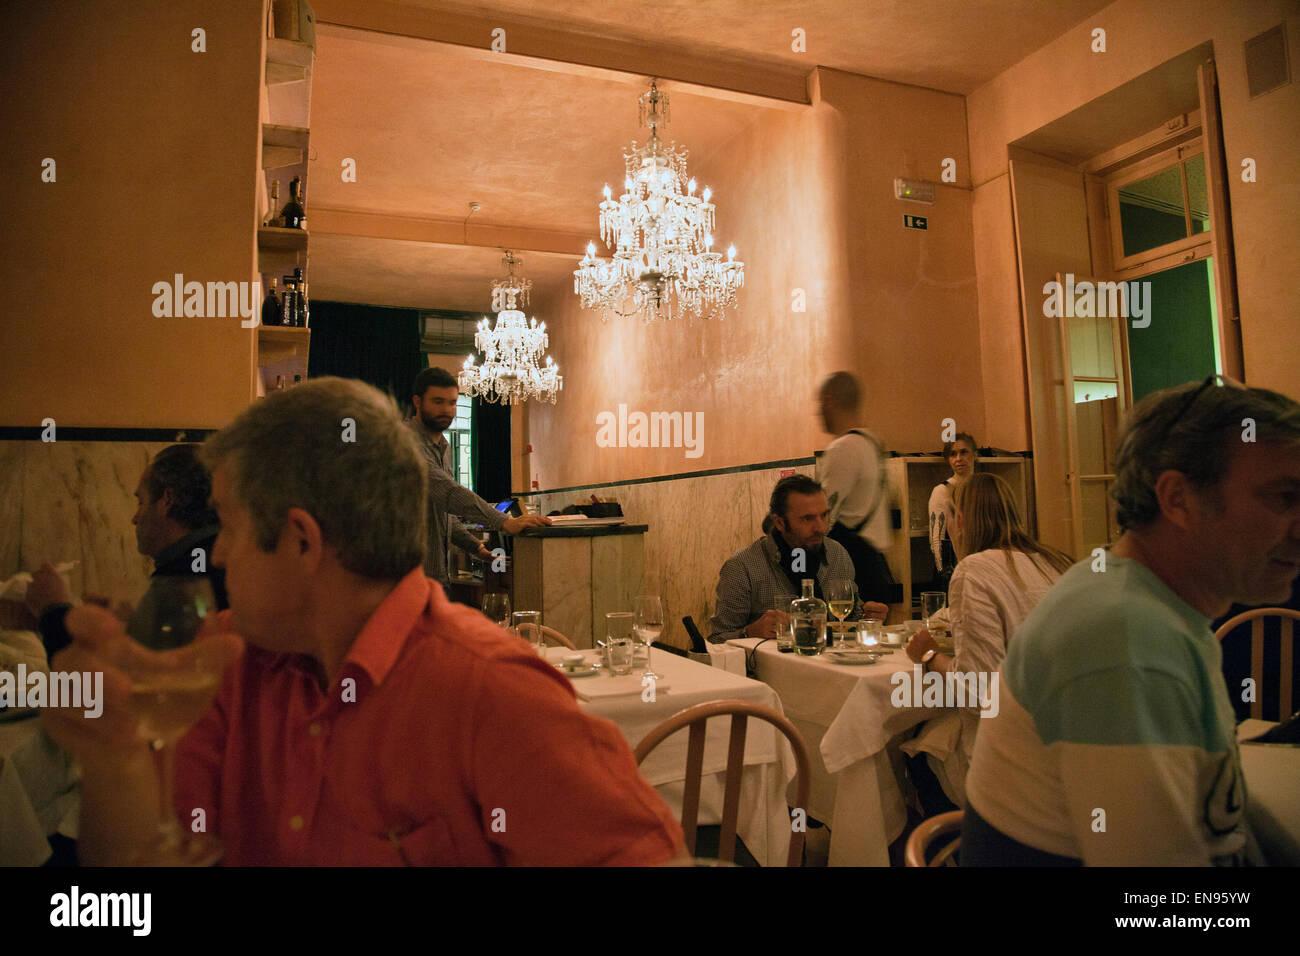 Pap' Acorda pasti al ristorante interno nel Bairro Alto a Lisbona - Portogallo Immagini Stock